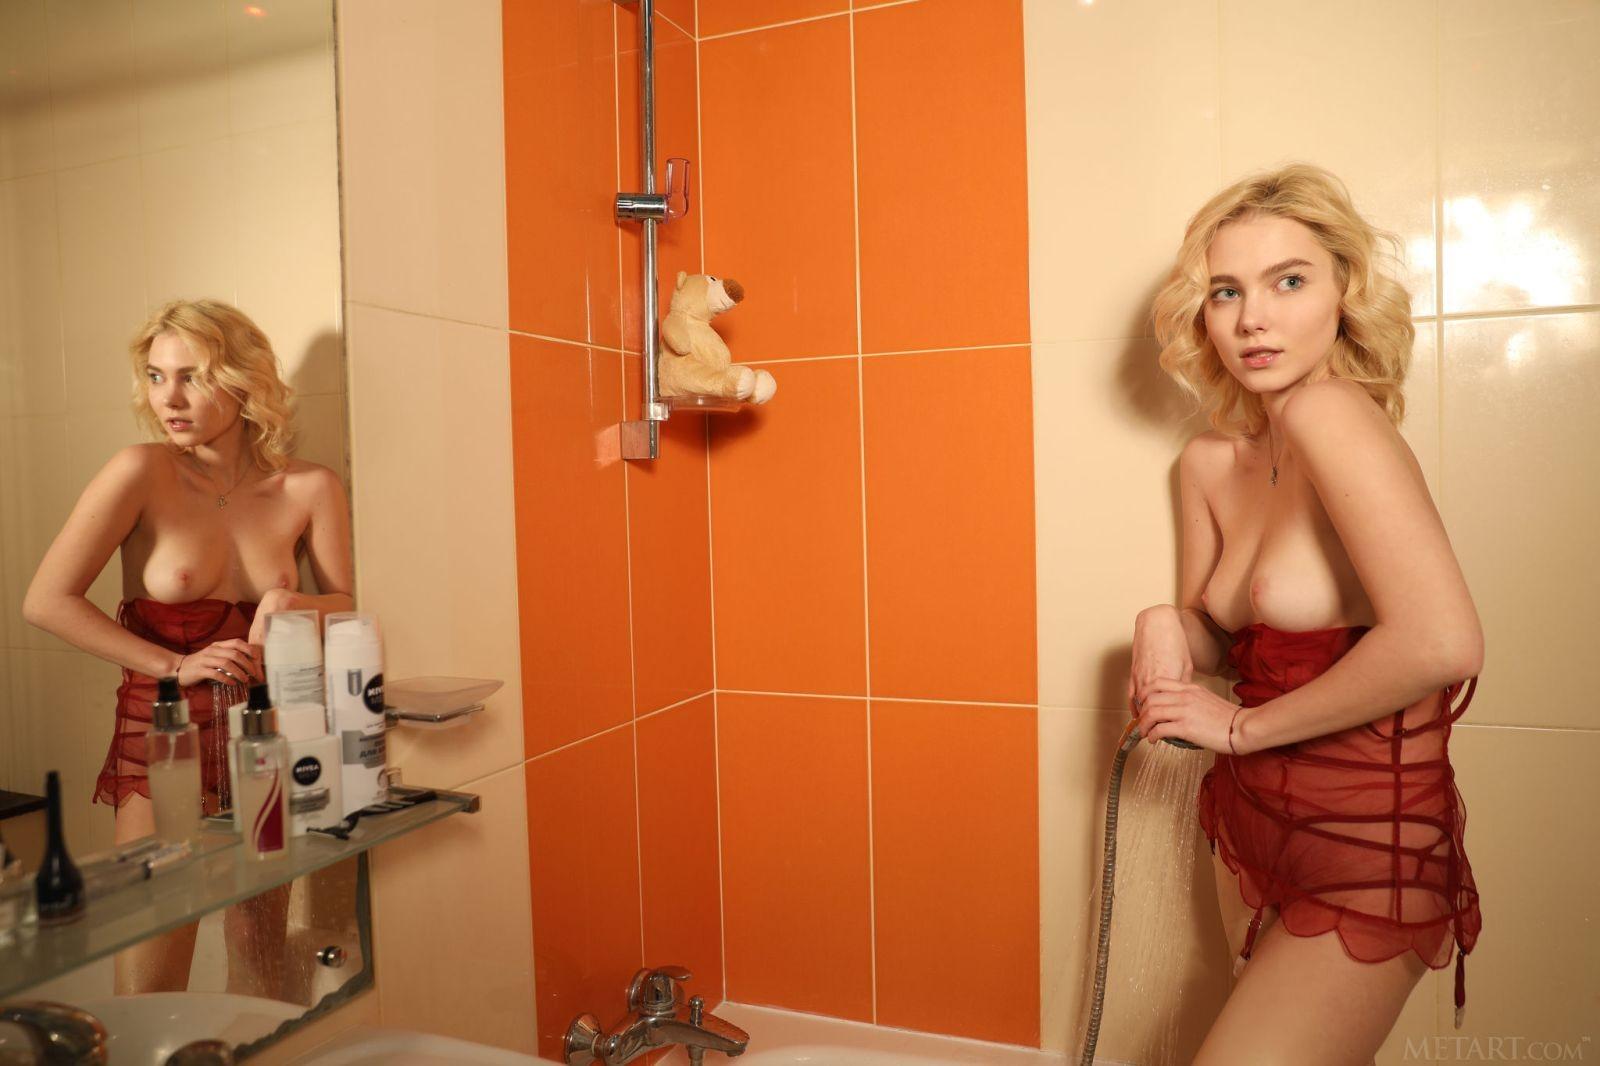 Блондинка в белье принимает душ - фото